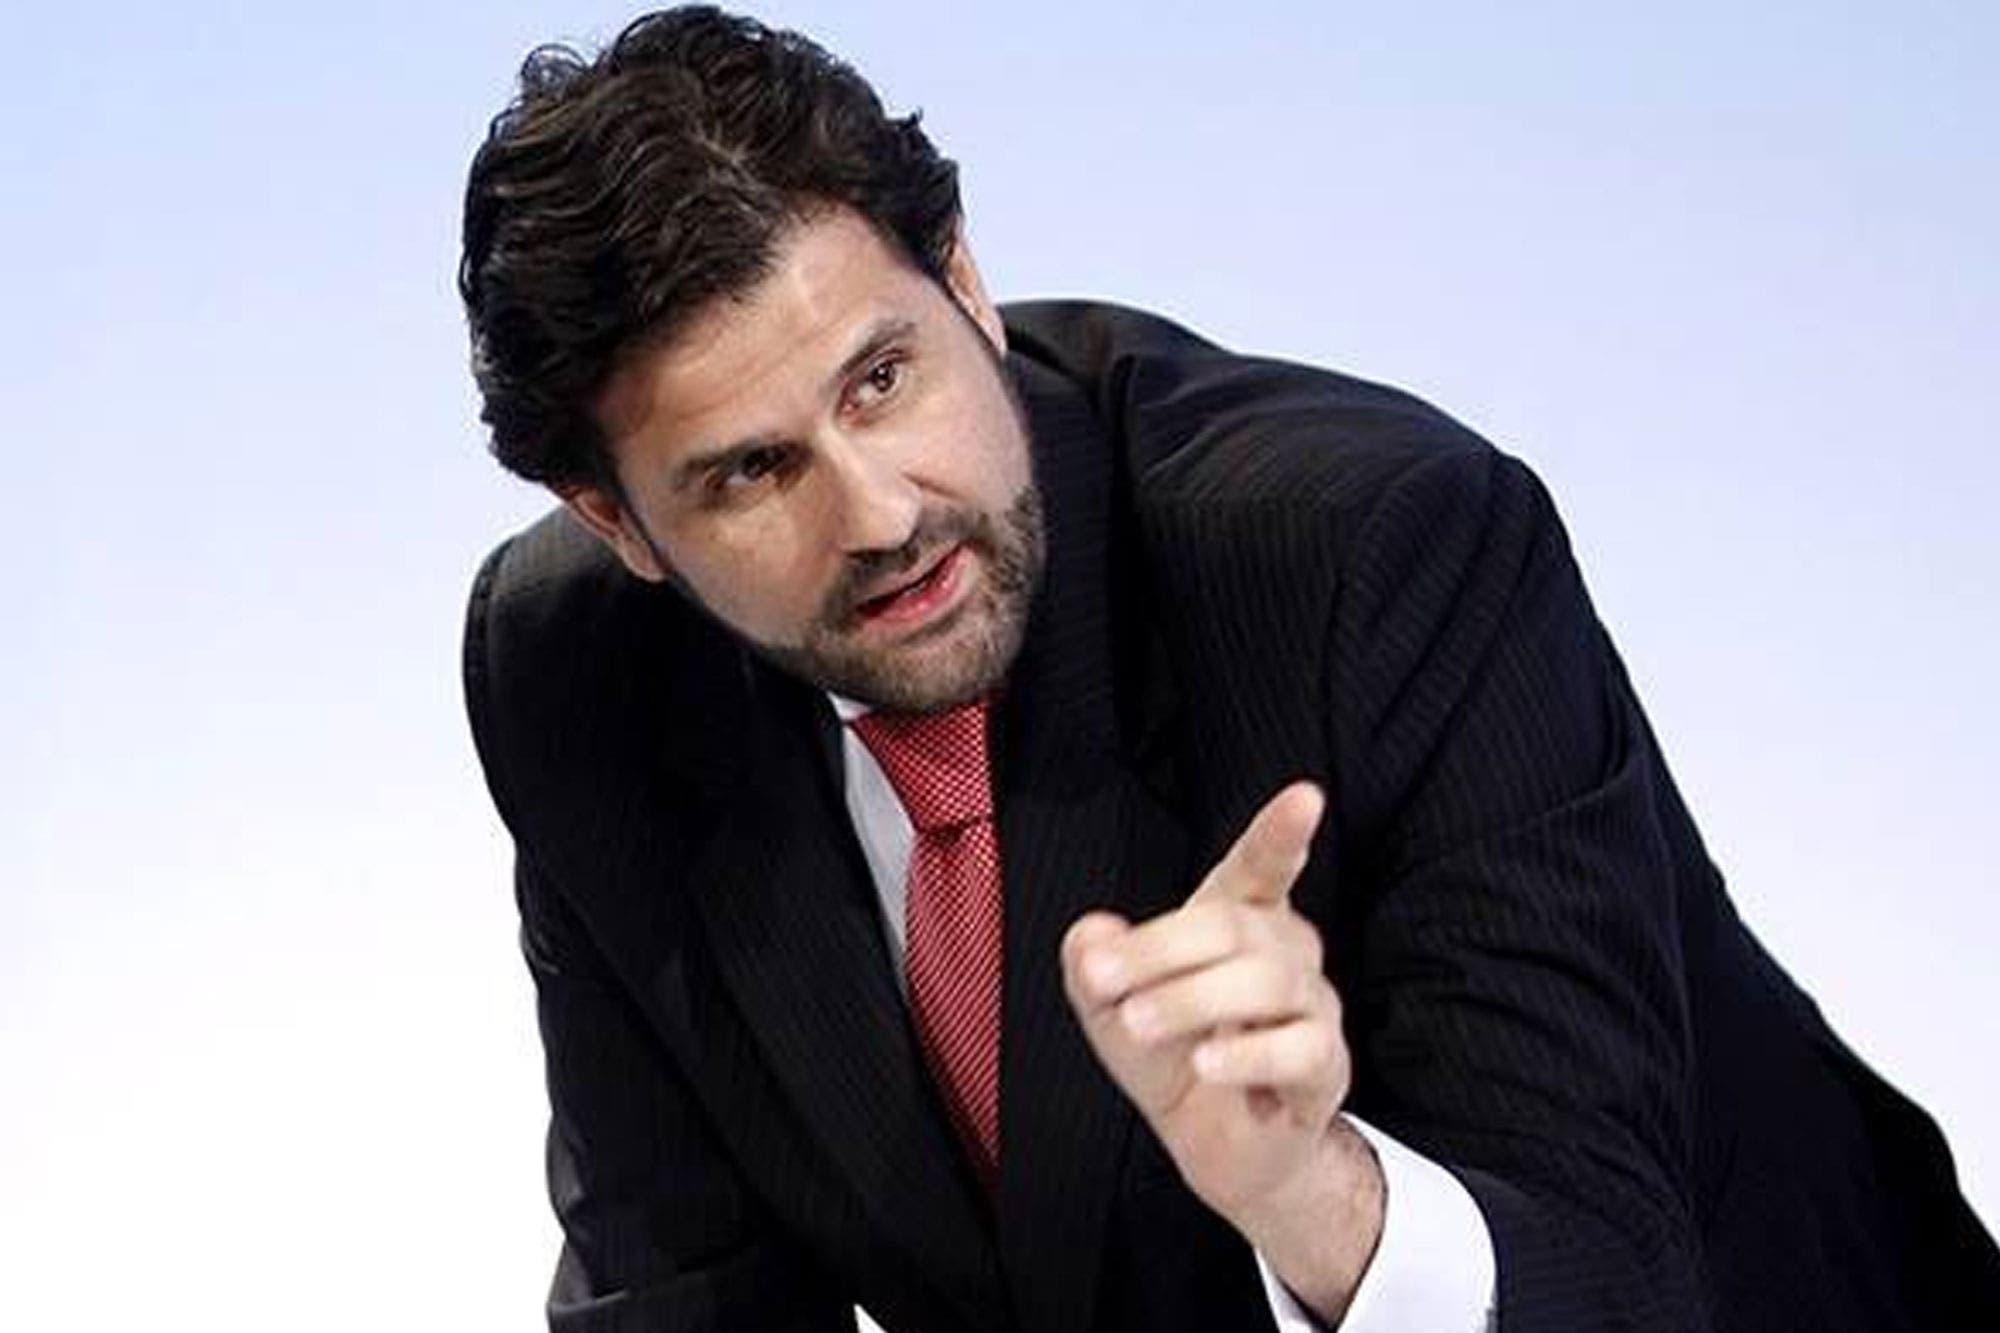 El gurú español que hizo ganar a 13 presidentes y trabaja en las sombras con un candidato de la oposición